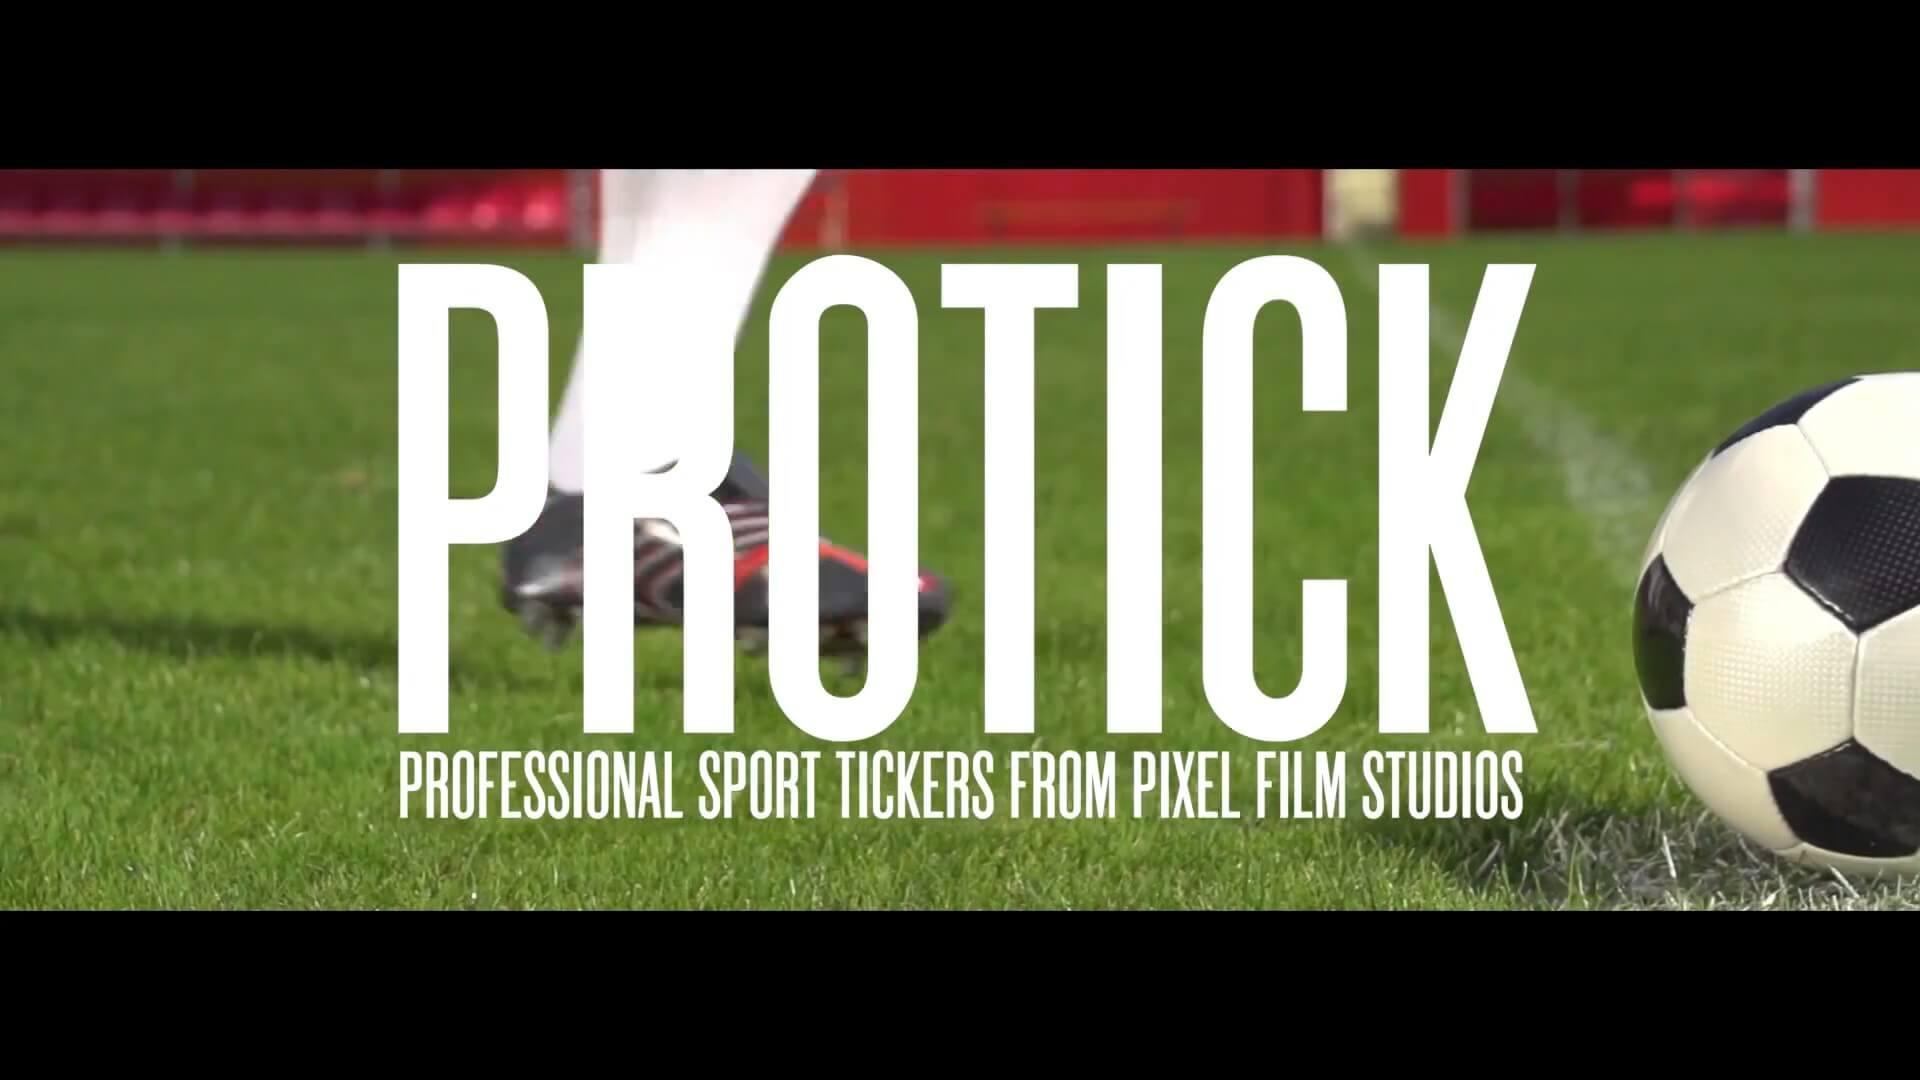 fcpx字幕插件 30个体育赛事信息滚动字幕条模板 ProTick